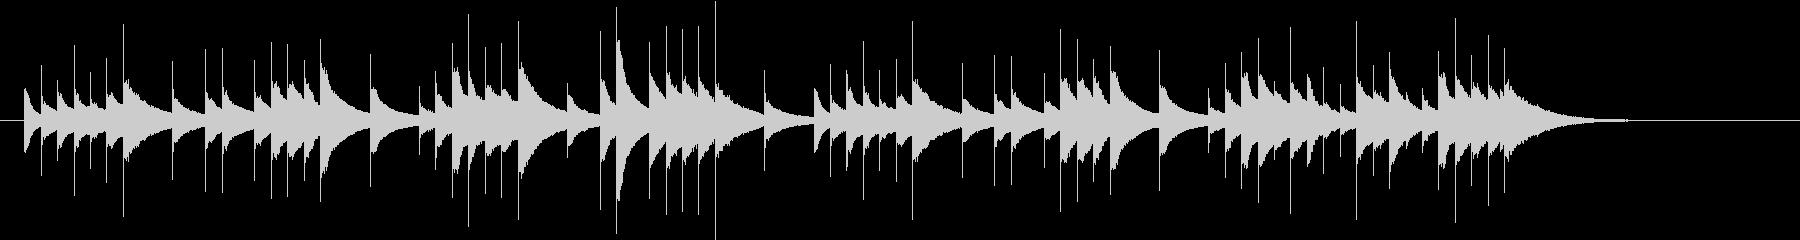 ファンタジーなオルゴール曲の未再生の波形